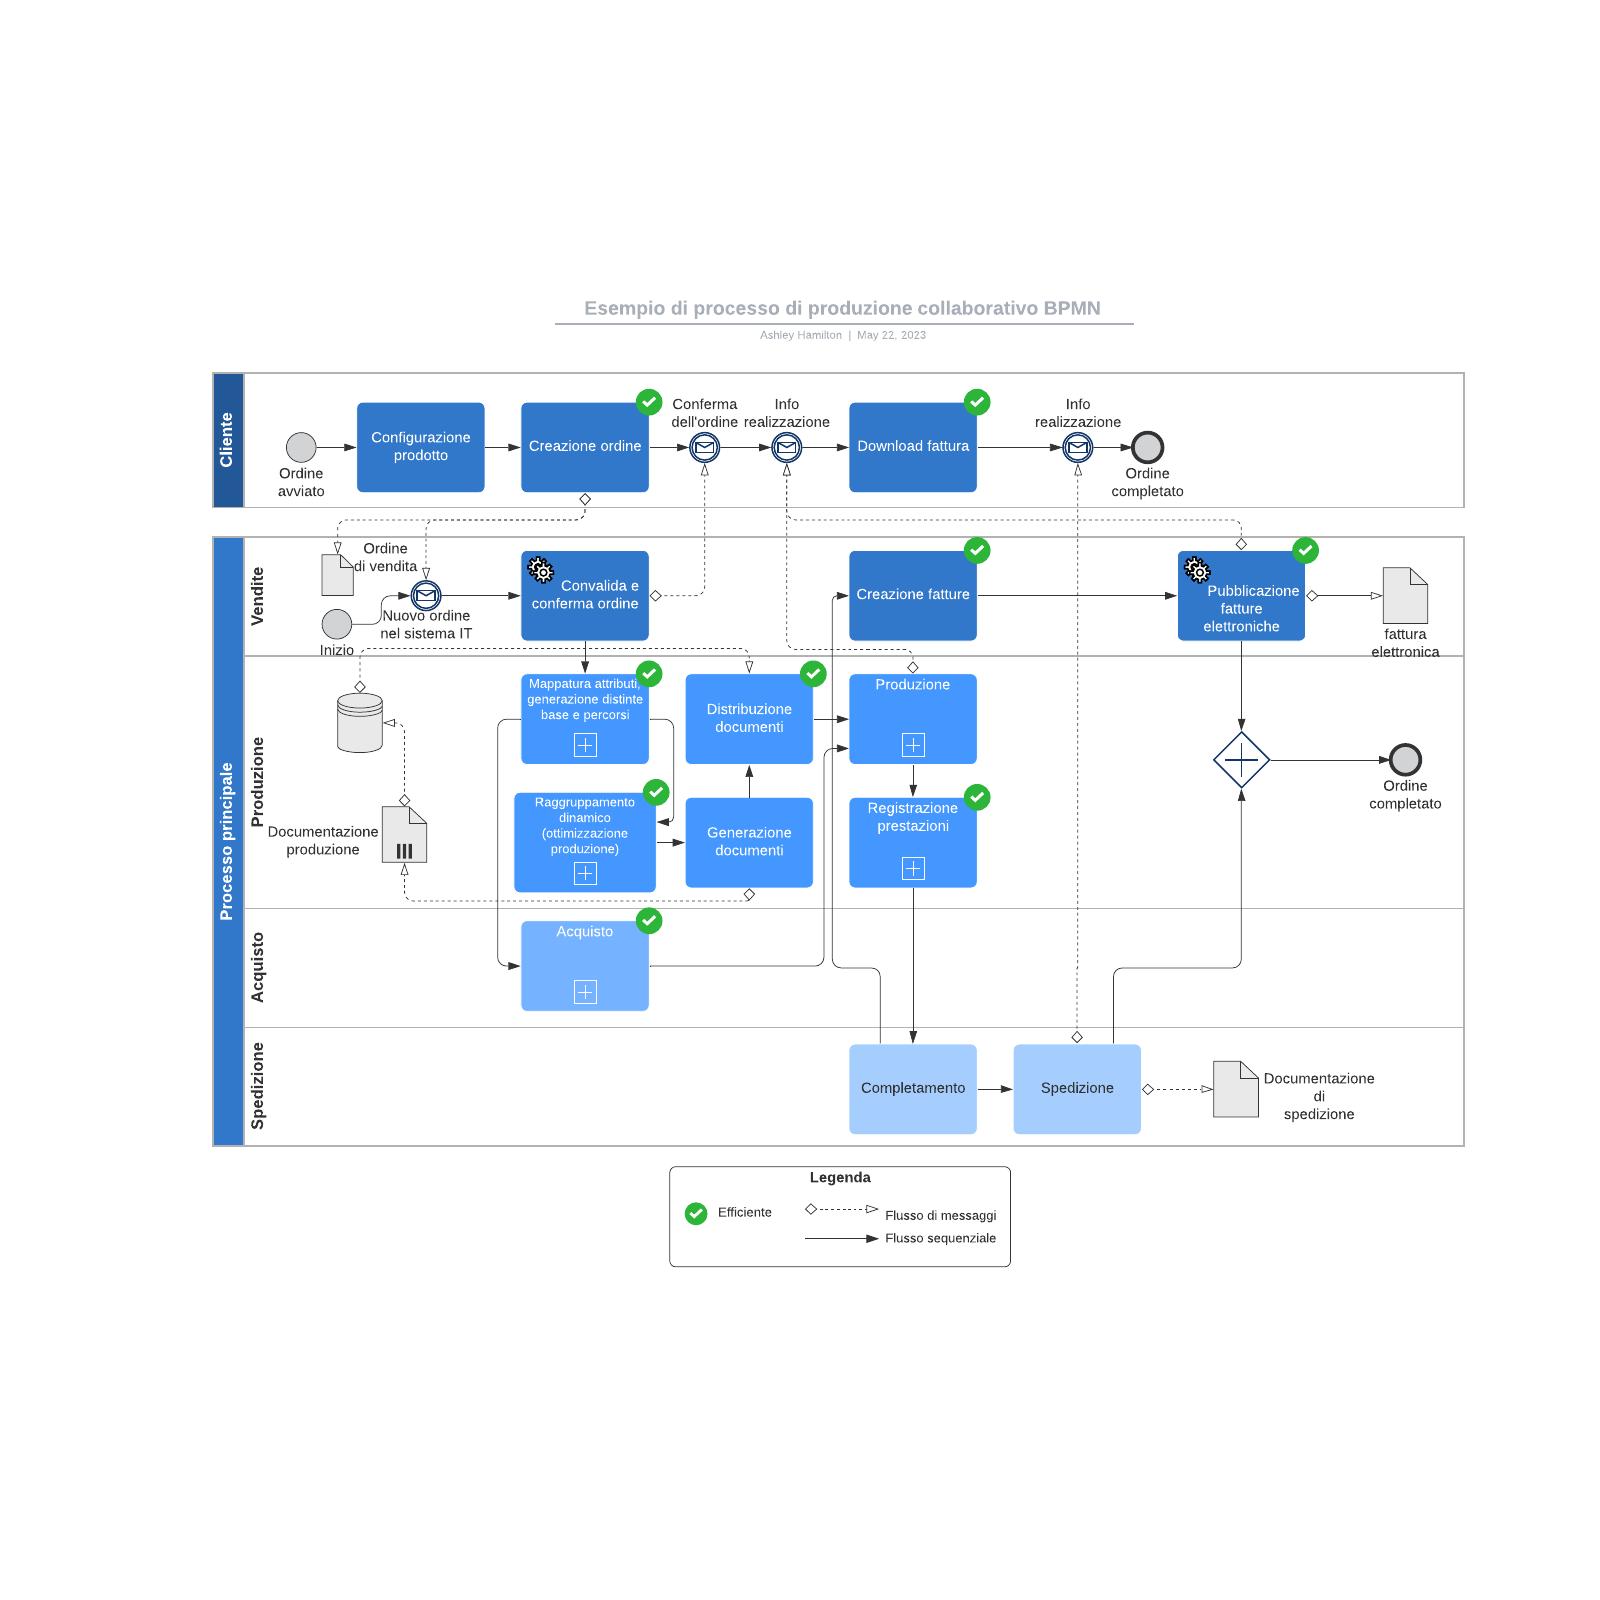 Esempio di processo di produzione collaborativo BPMN